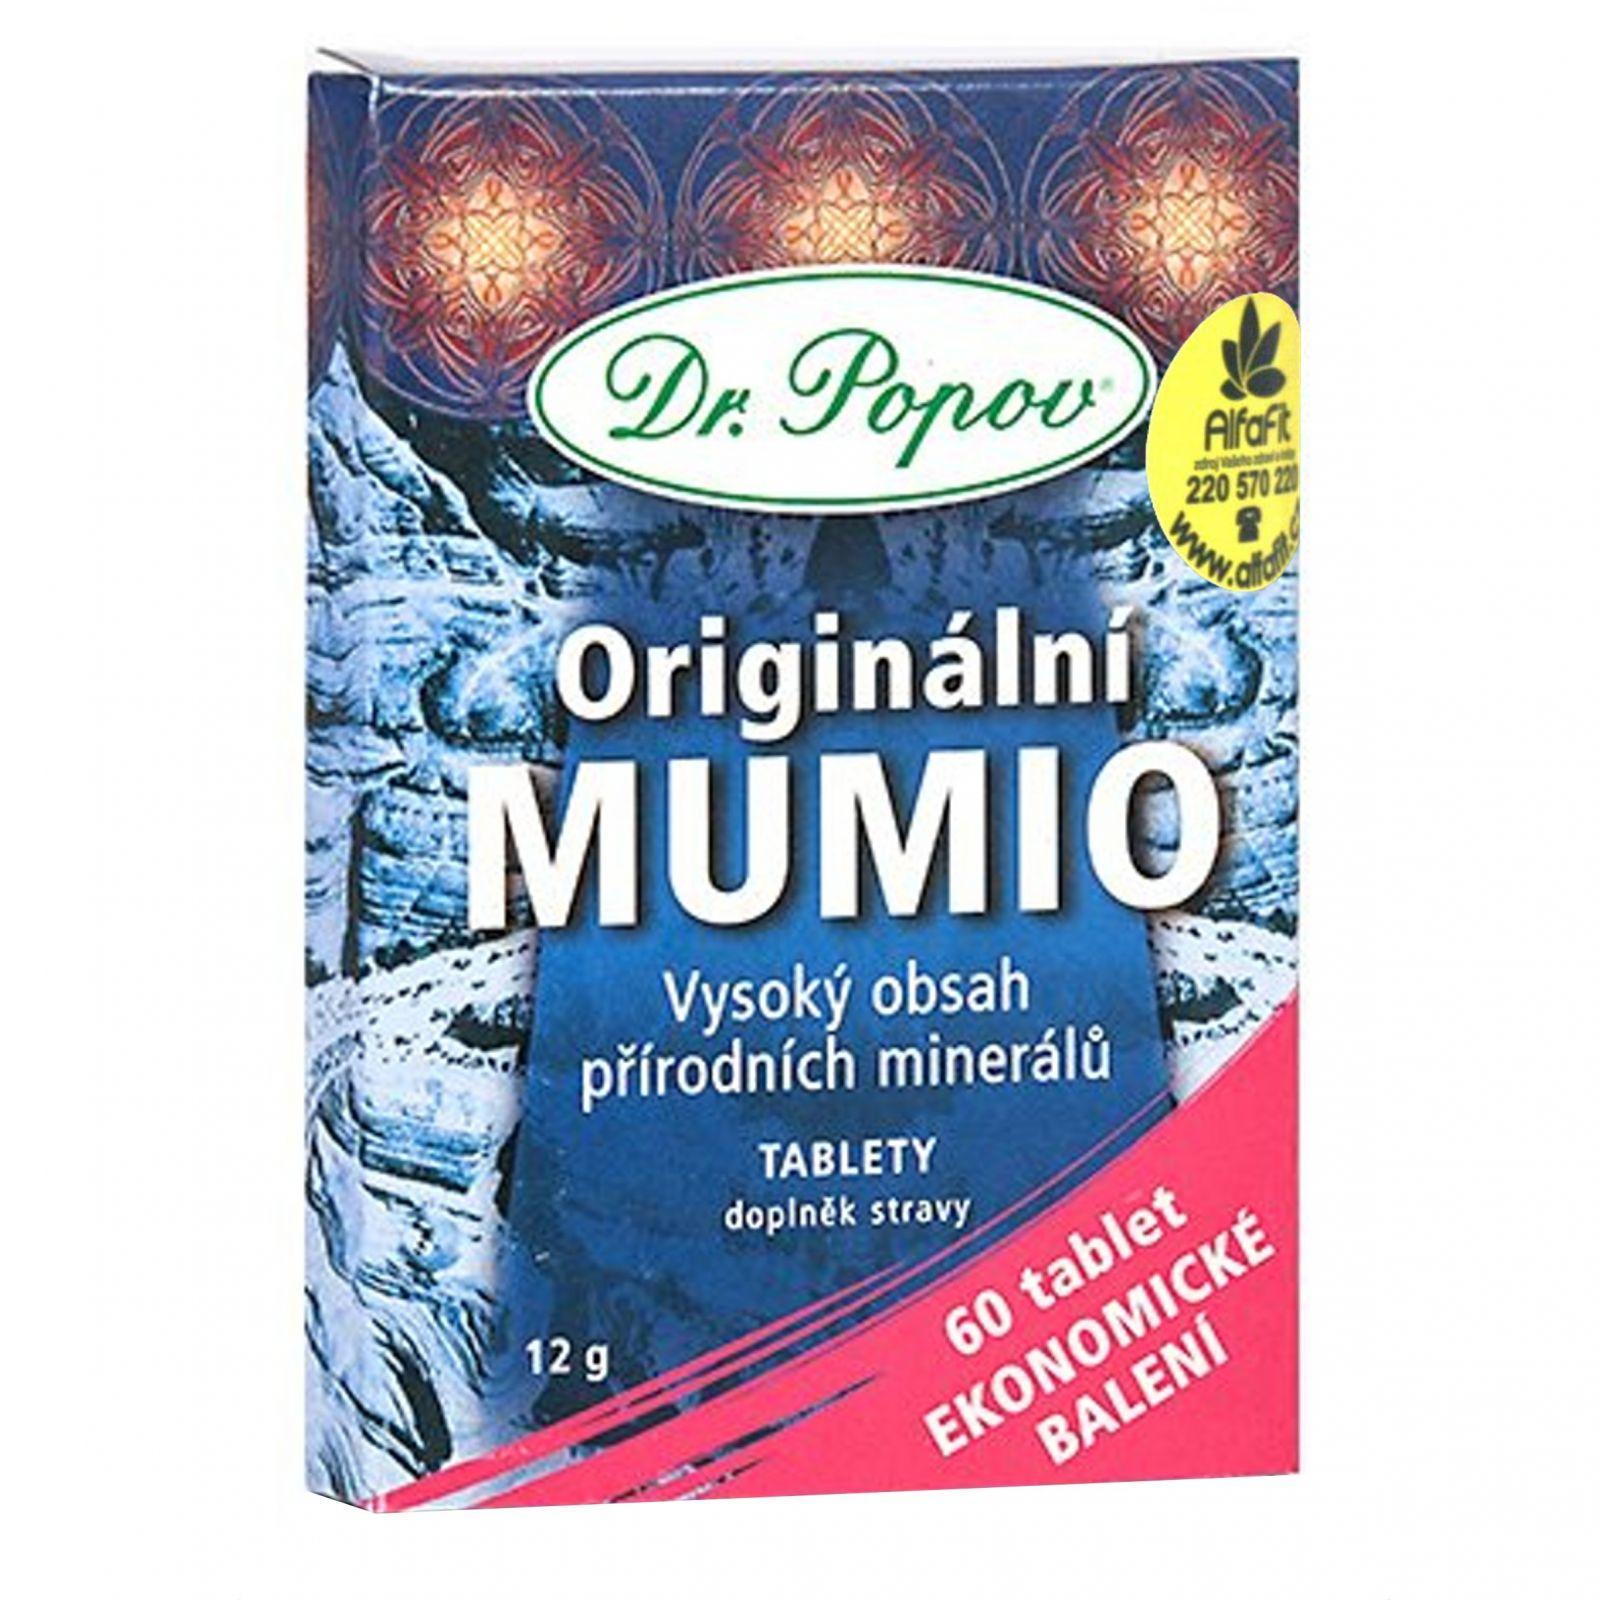 Dr. Popov Mumio 60 tablet